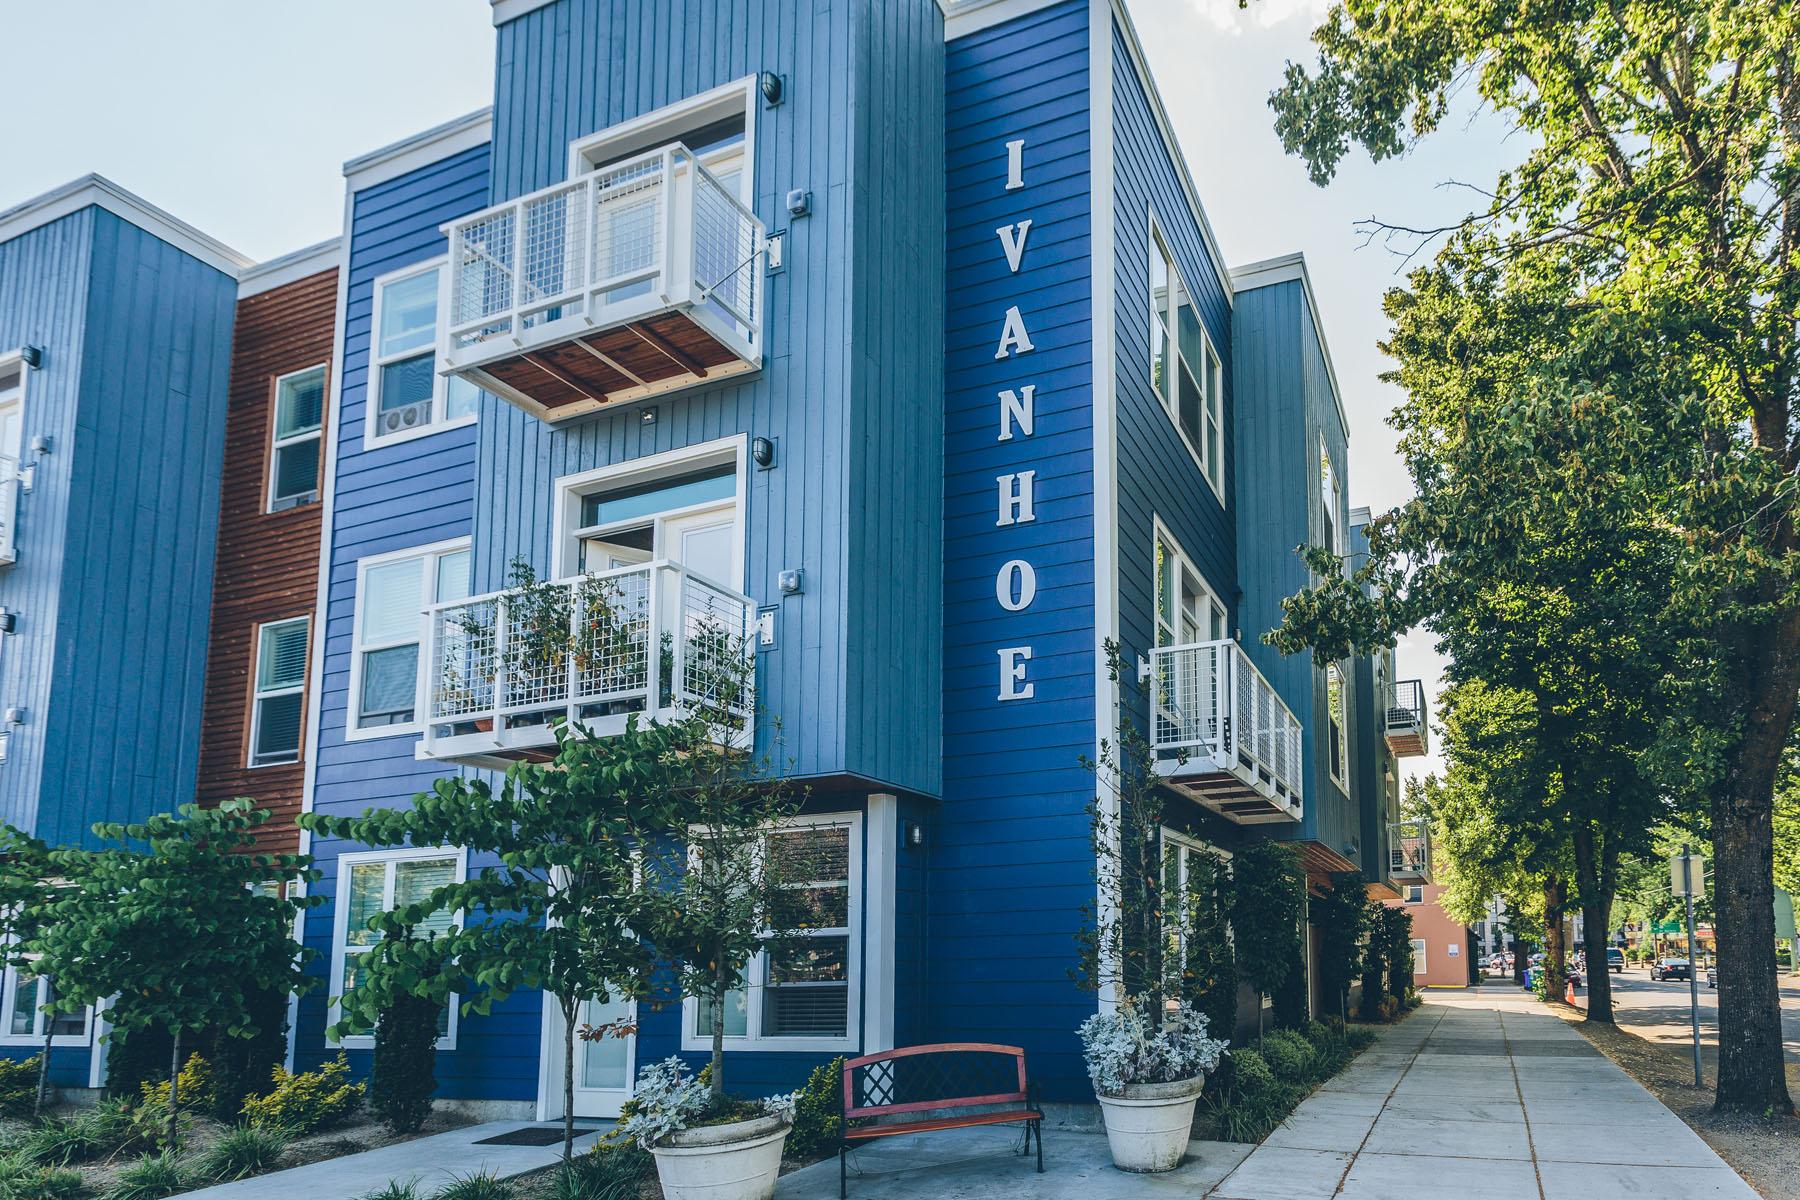 Ivanhoe - 8510 N Ivanhoe St.Portland, OR 97203Studios, 1, 2 Bedrooms